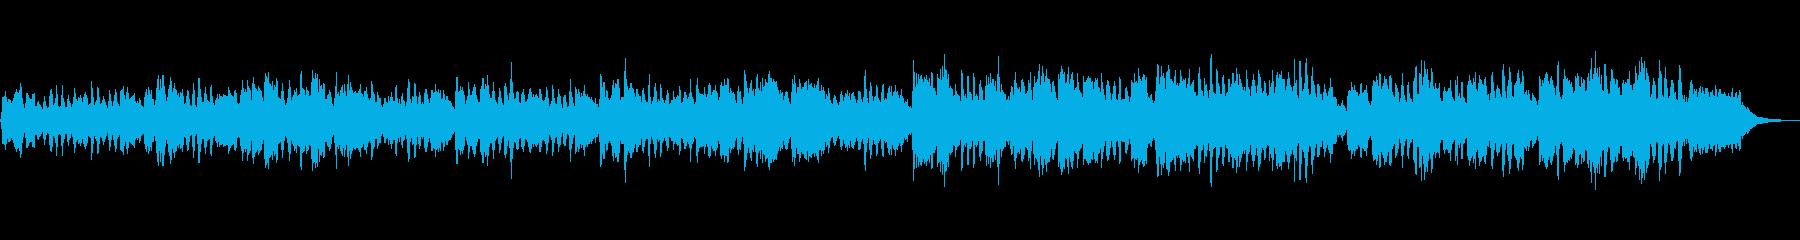 生演奏クラシック、ビバルディ、楽しいの再生済みの波形